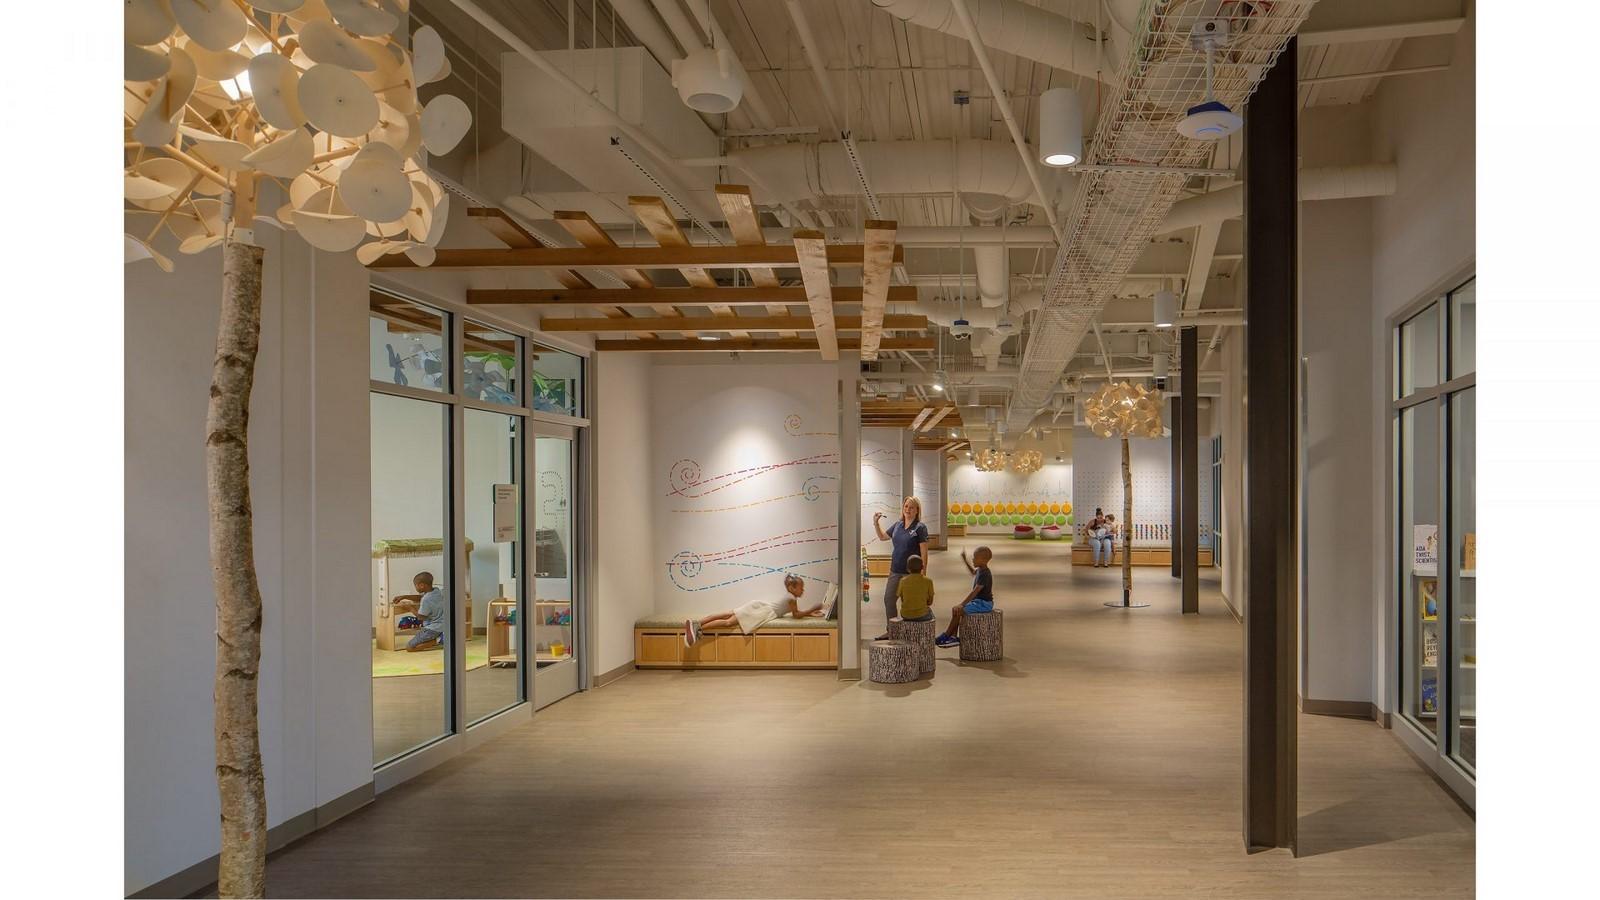 YMCA Early learning center - Shet3